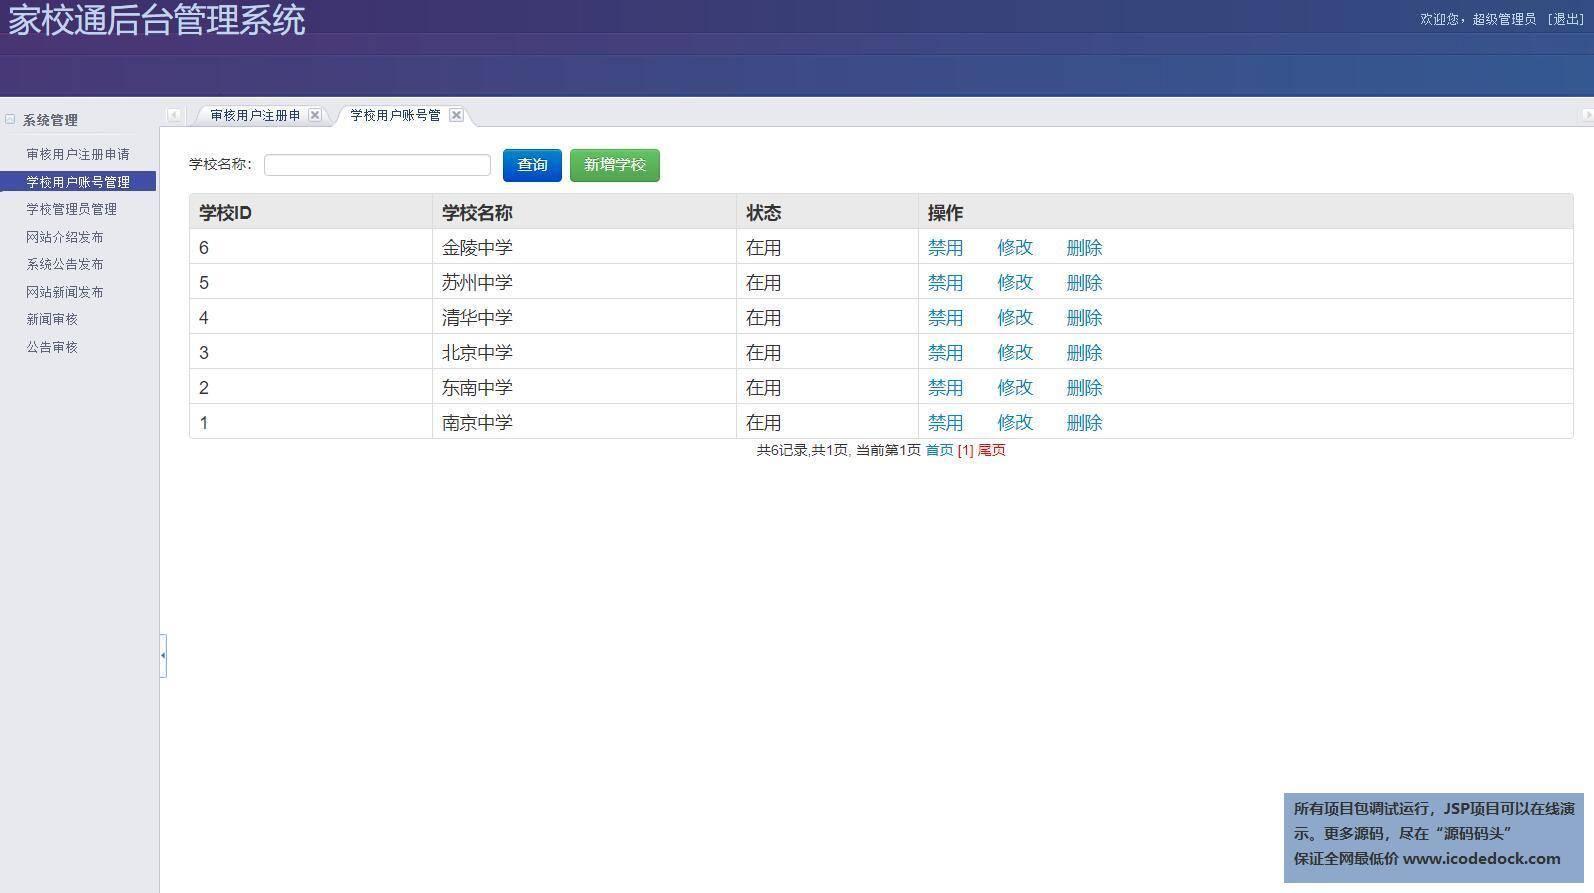 源码码头-SSM在线家校通管理系统-管理员角色-学校用户账号管理